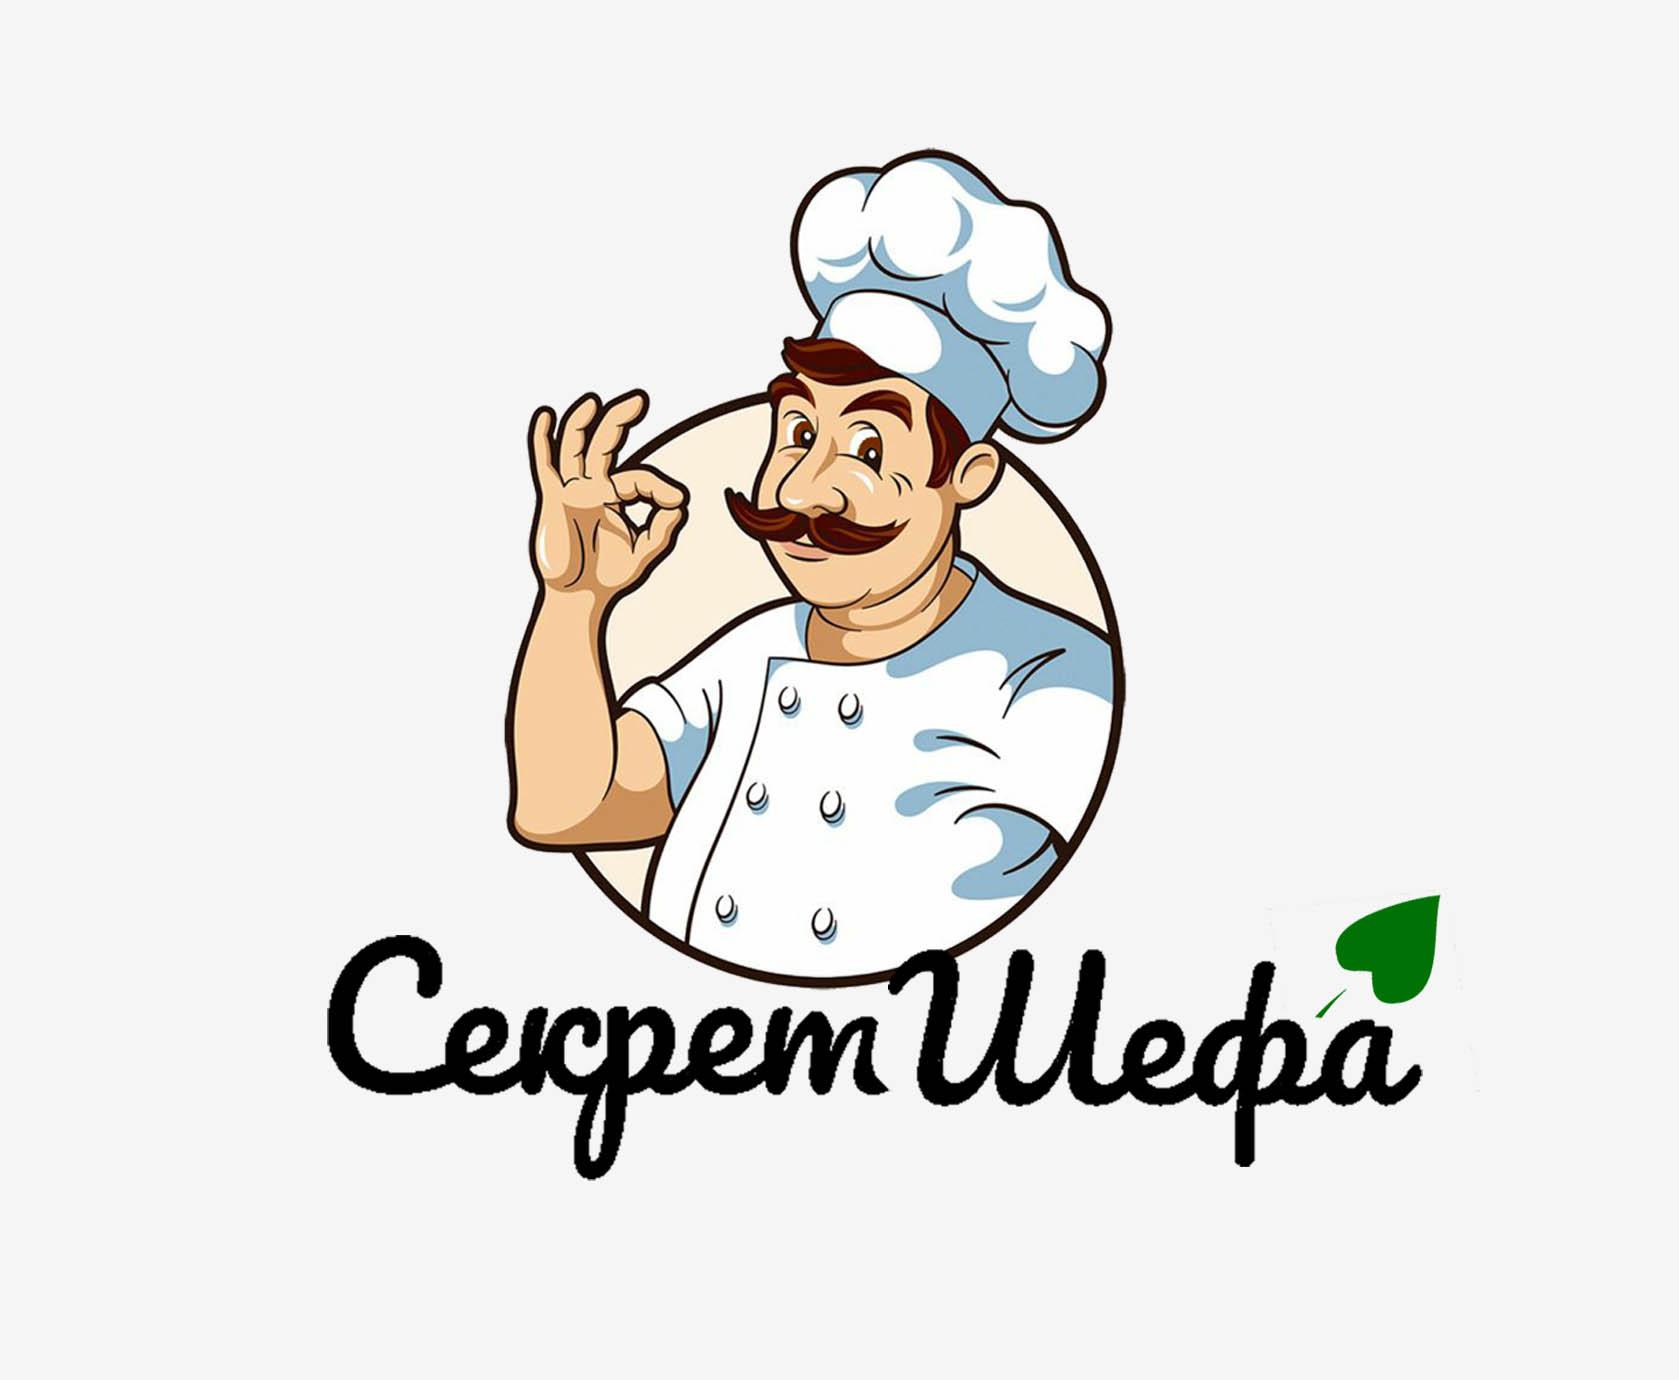 Логотип для марки специй и приправ Секрет Шефа фото f_5475f3ec5722b53f.jpg